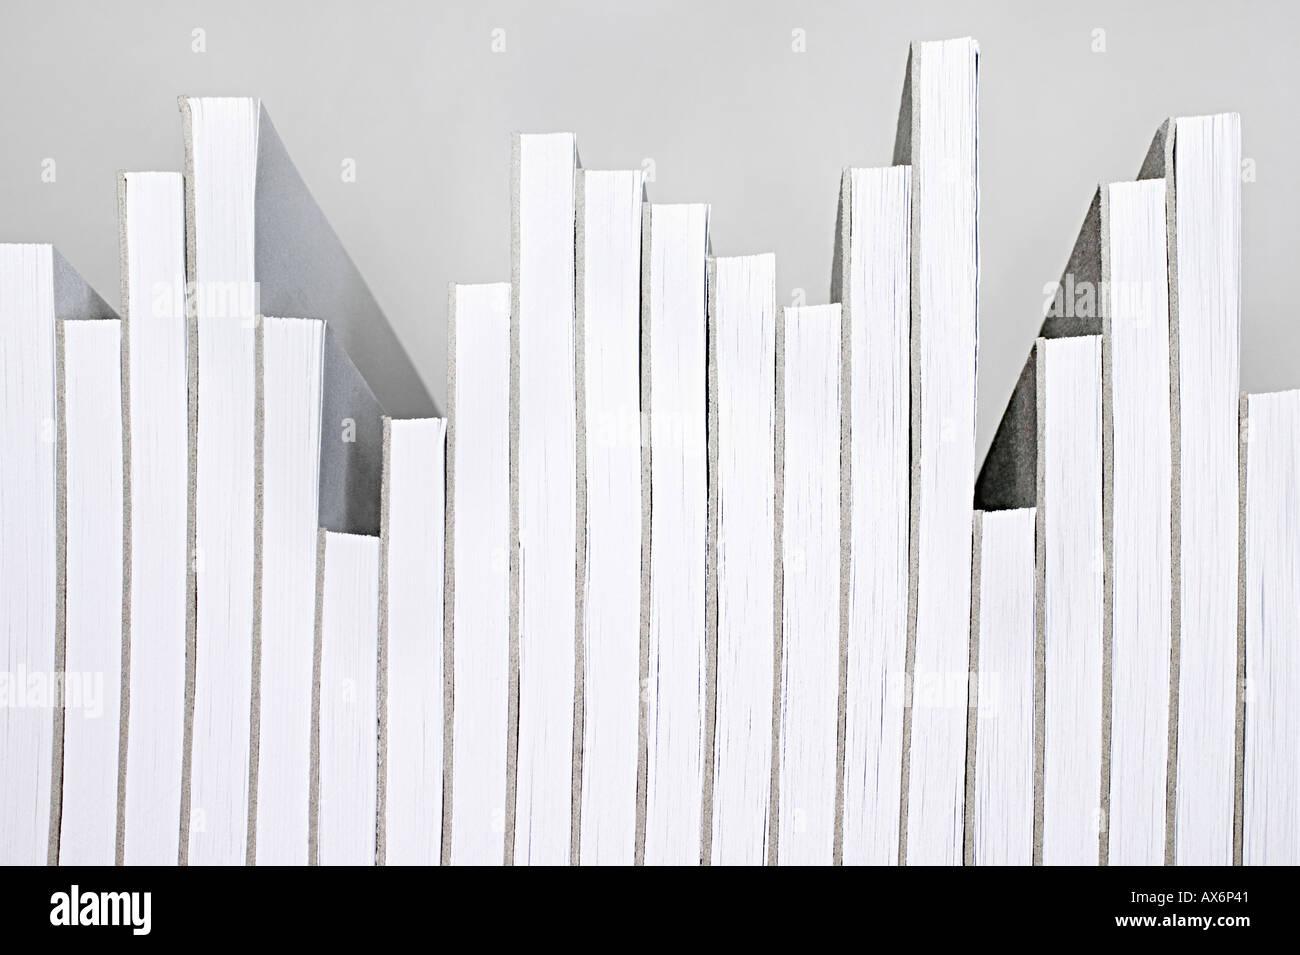 Notizblöcke arrangiert gerne ein Diagramm Stockbild